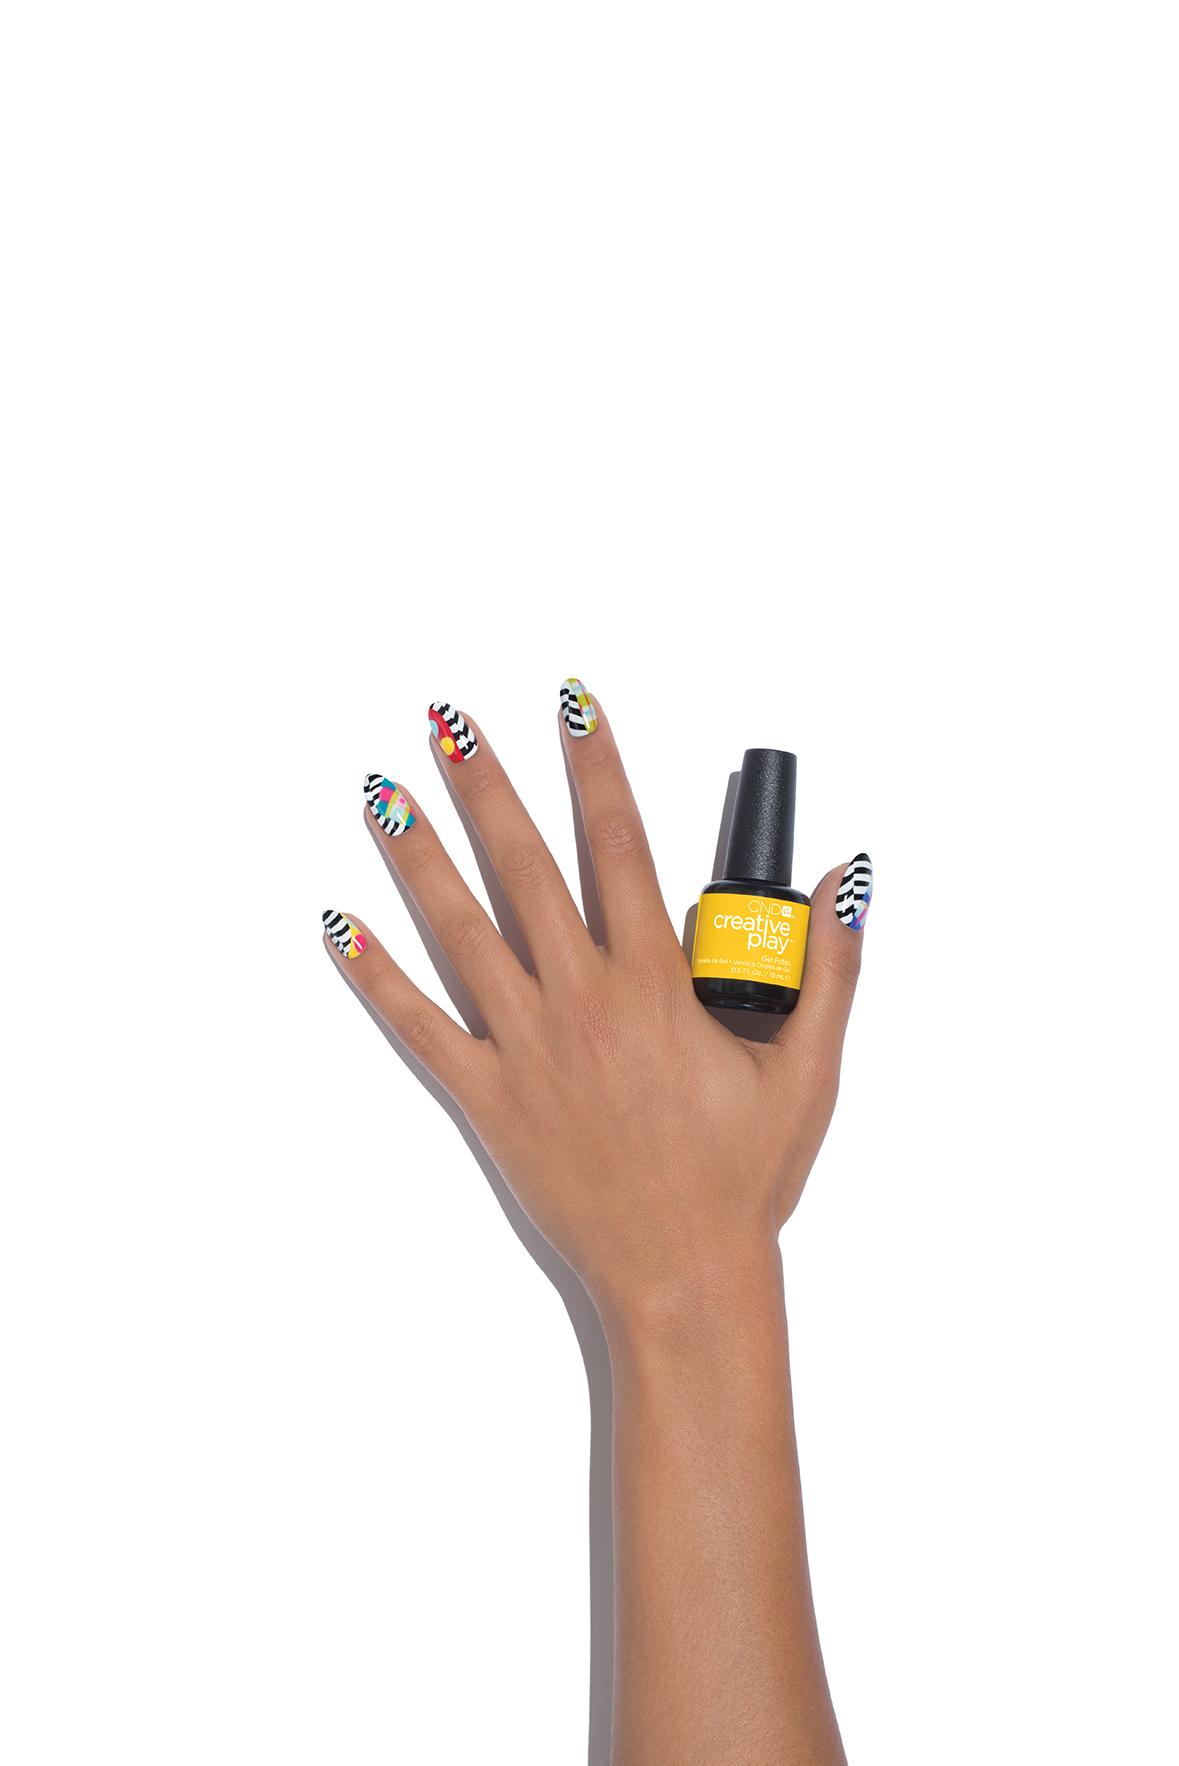 Hand-Model-Image-2_170526_Revlon_Creative_Play_Hands_02_048_v07.jpg